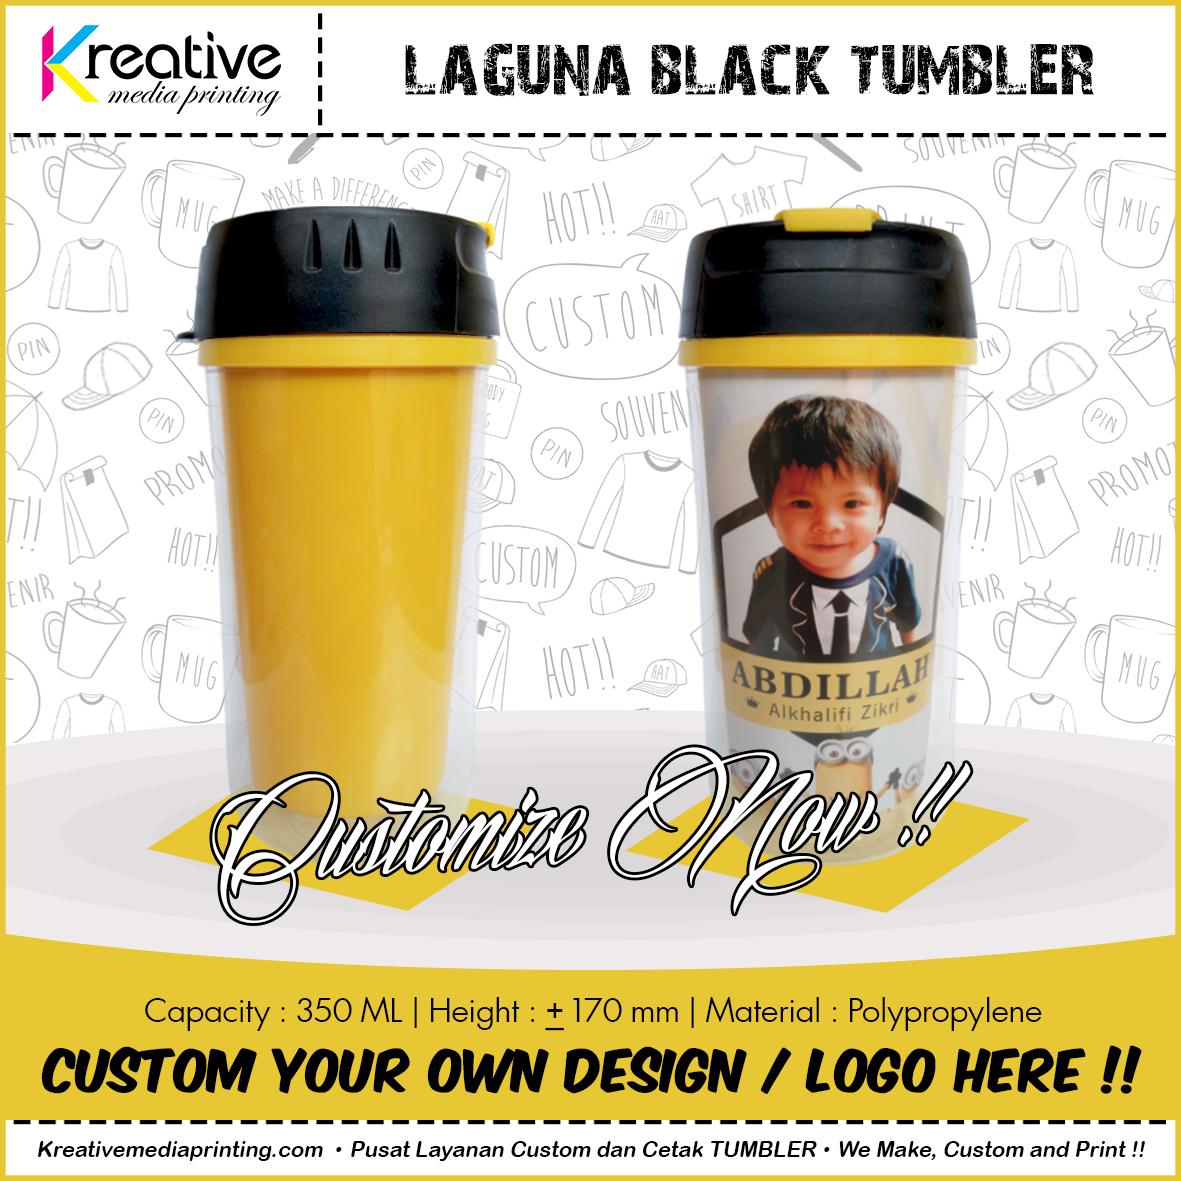 Cetak Tumbler Laguna Black (1)